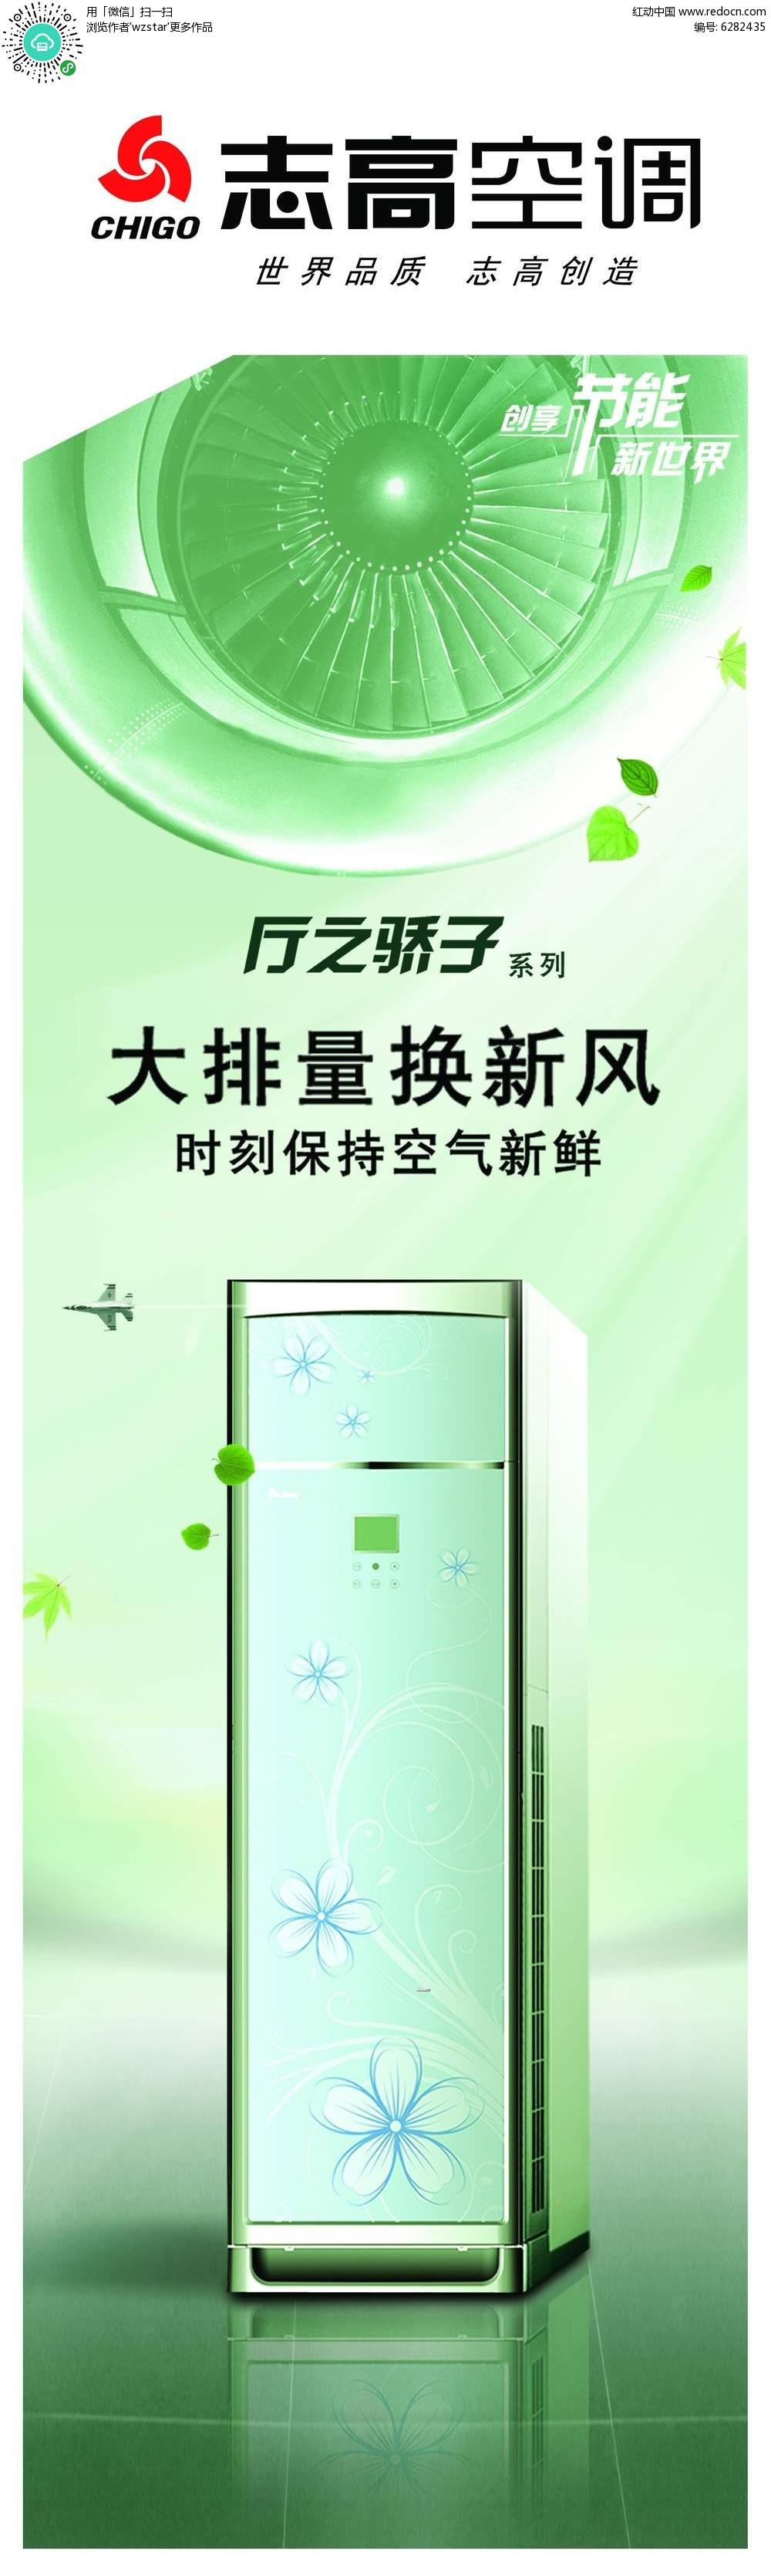 免费素材 psd素材 psd广告设计模板 其他 电冰箱广告  请您分享: 素材